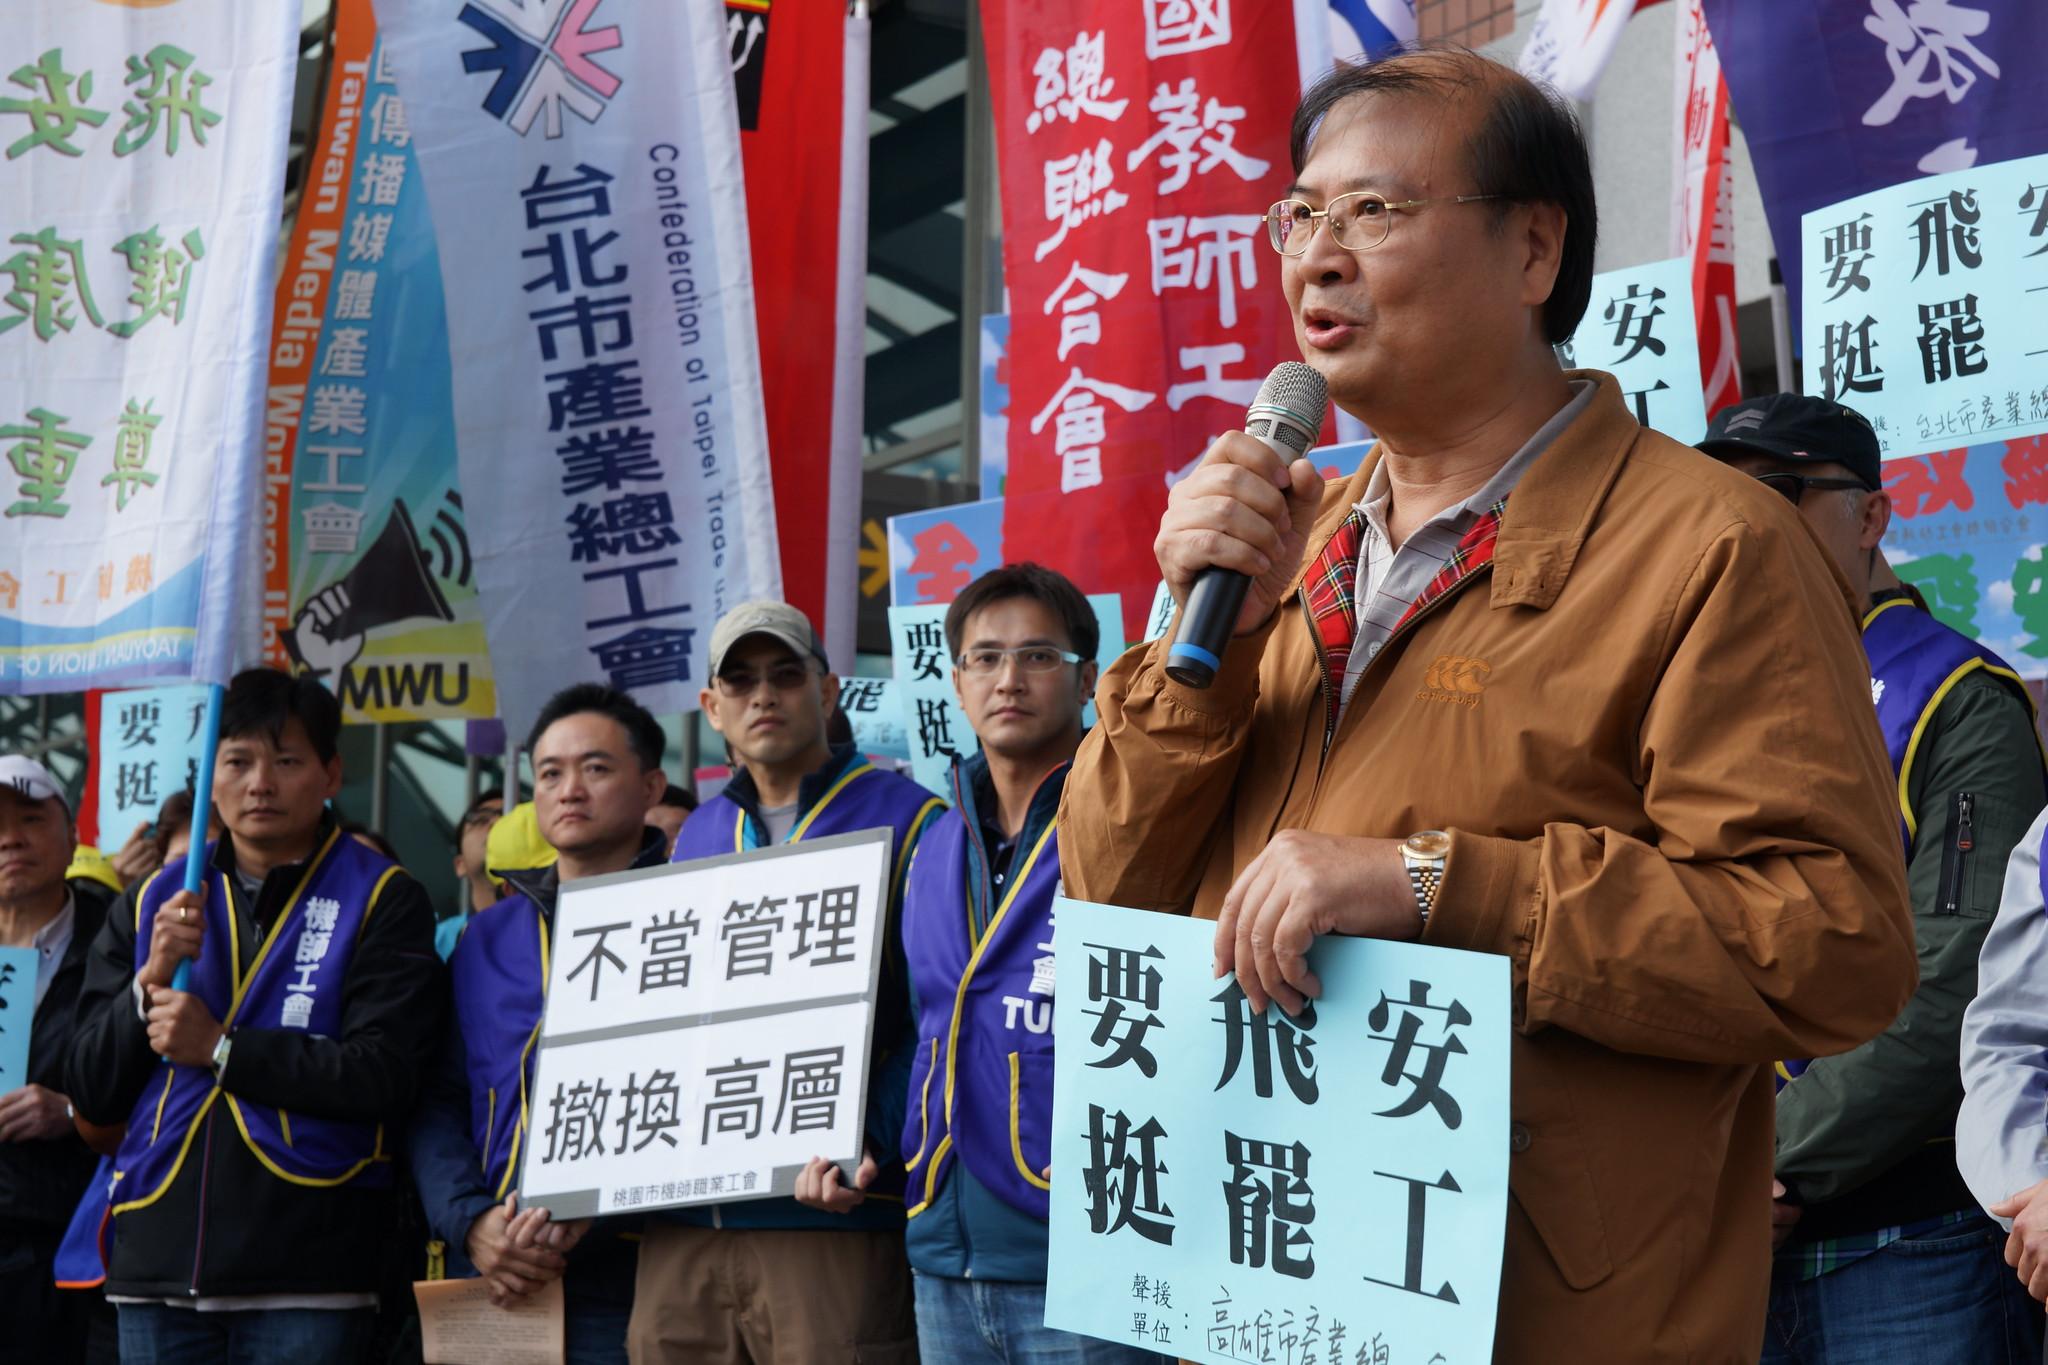 高市產總理事長江健興強調,全台工會都支持機師工會,機師工會並不孤單。(攝影:王顥中)